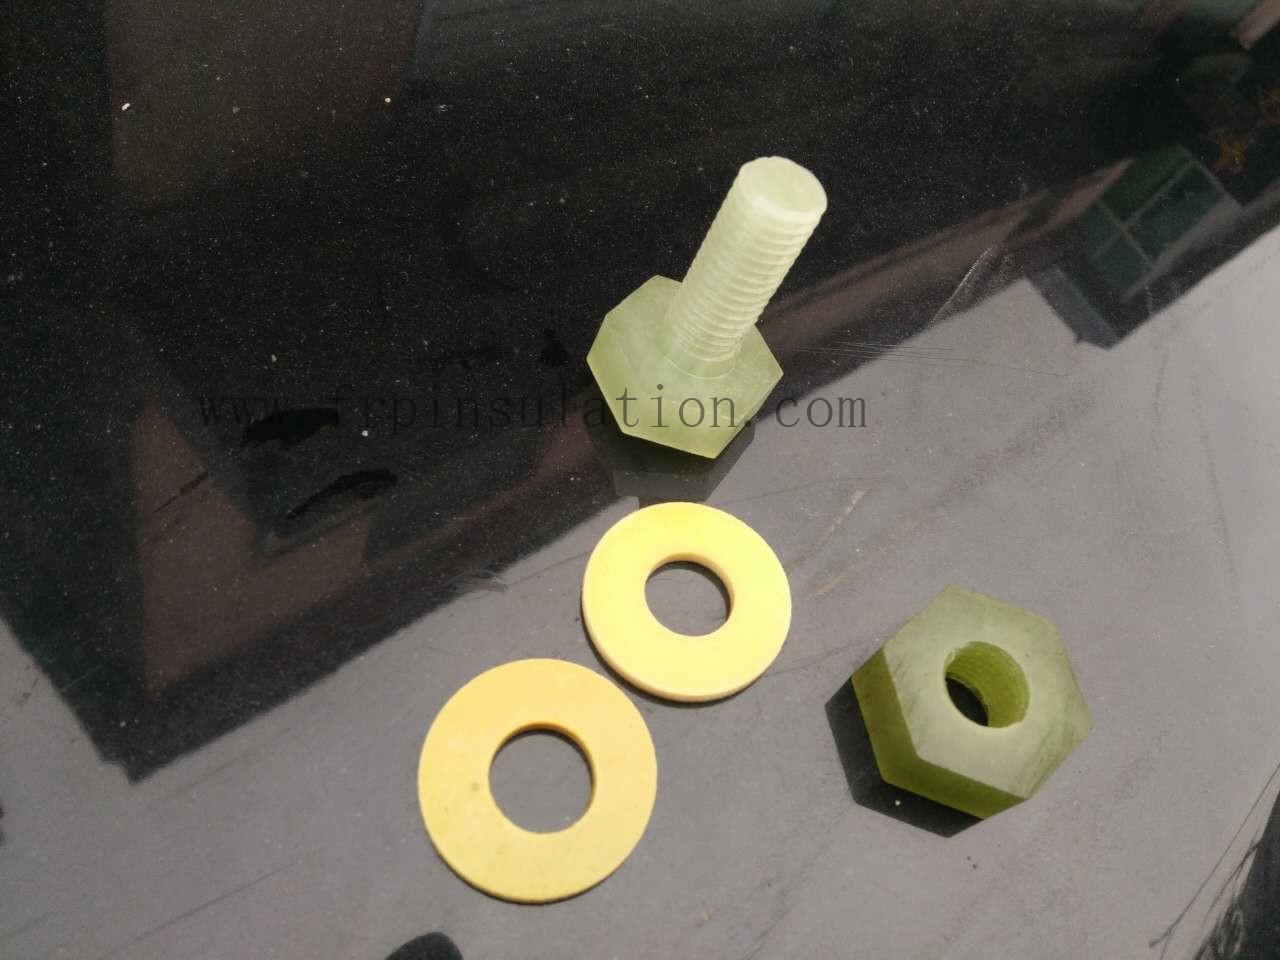 Insulation fastener washer